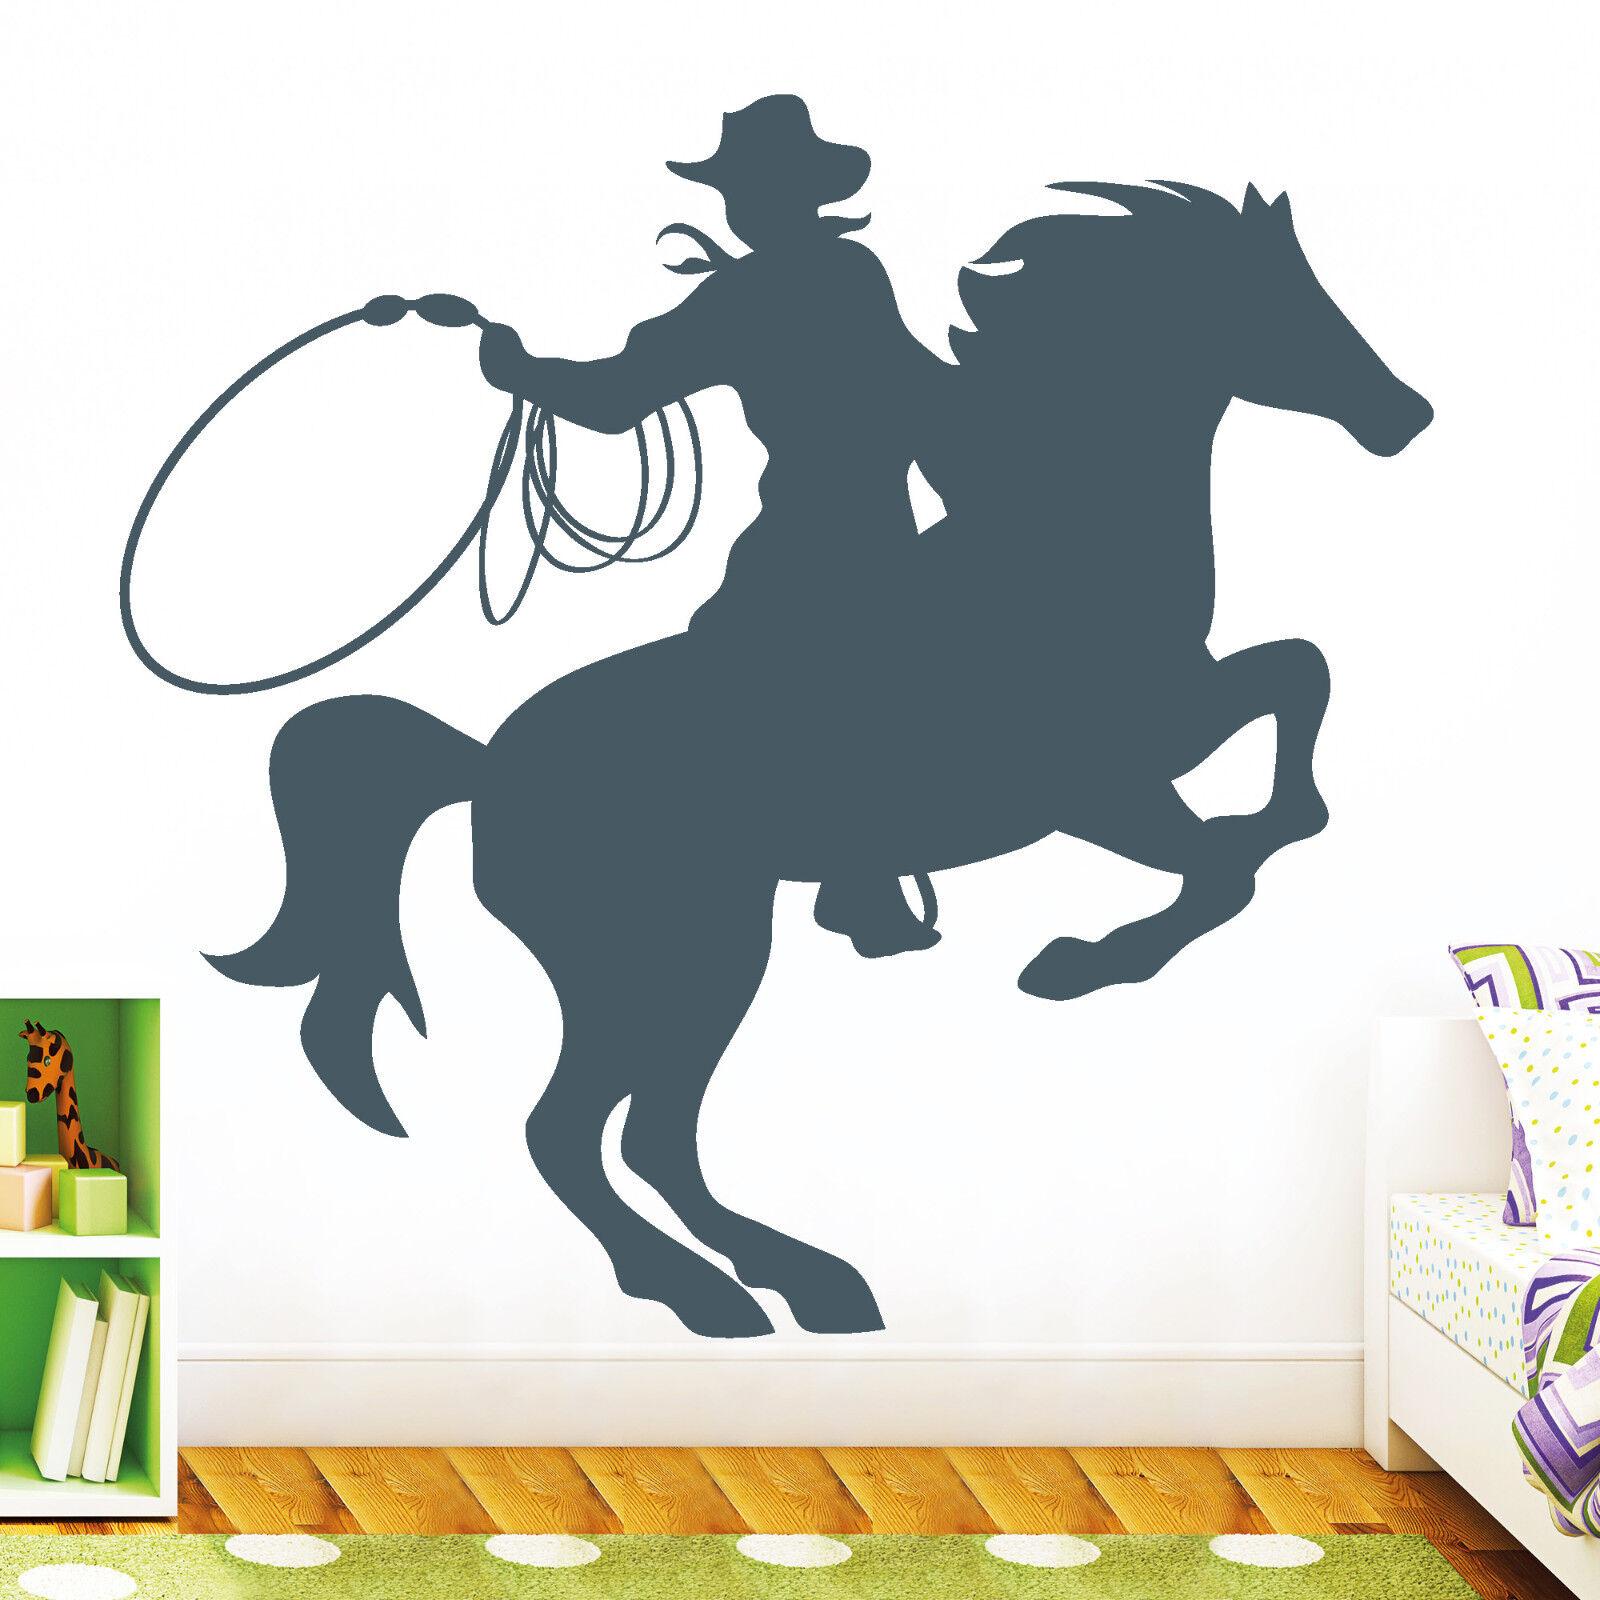 Home Decor Wandtattoo Cowboy Pferd Silhouette Schatten Reiter Aufkleber Wand Tattoo 2140 Home Garden Accelerateur Hec Ca